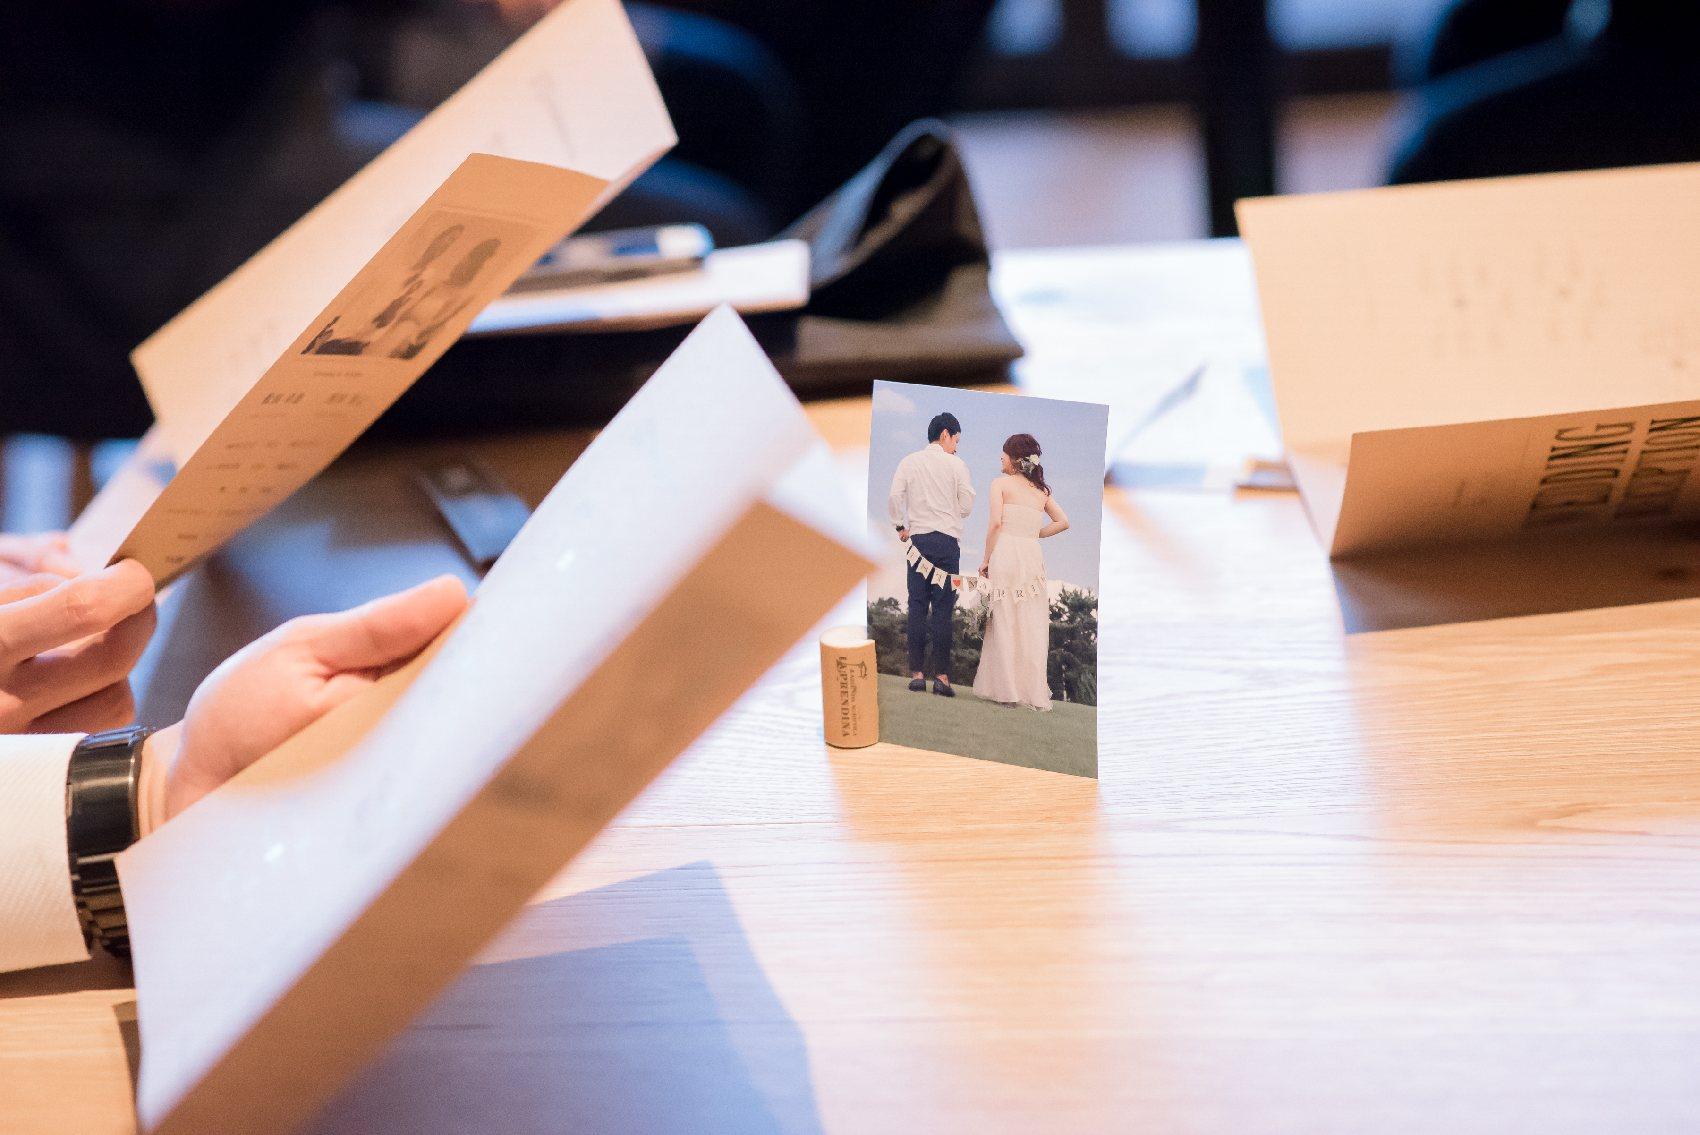 香川県高松市の結婚式場アナザースタイルの席札のペーパーアイテム